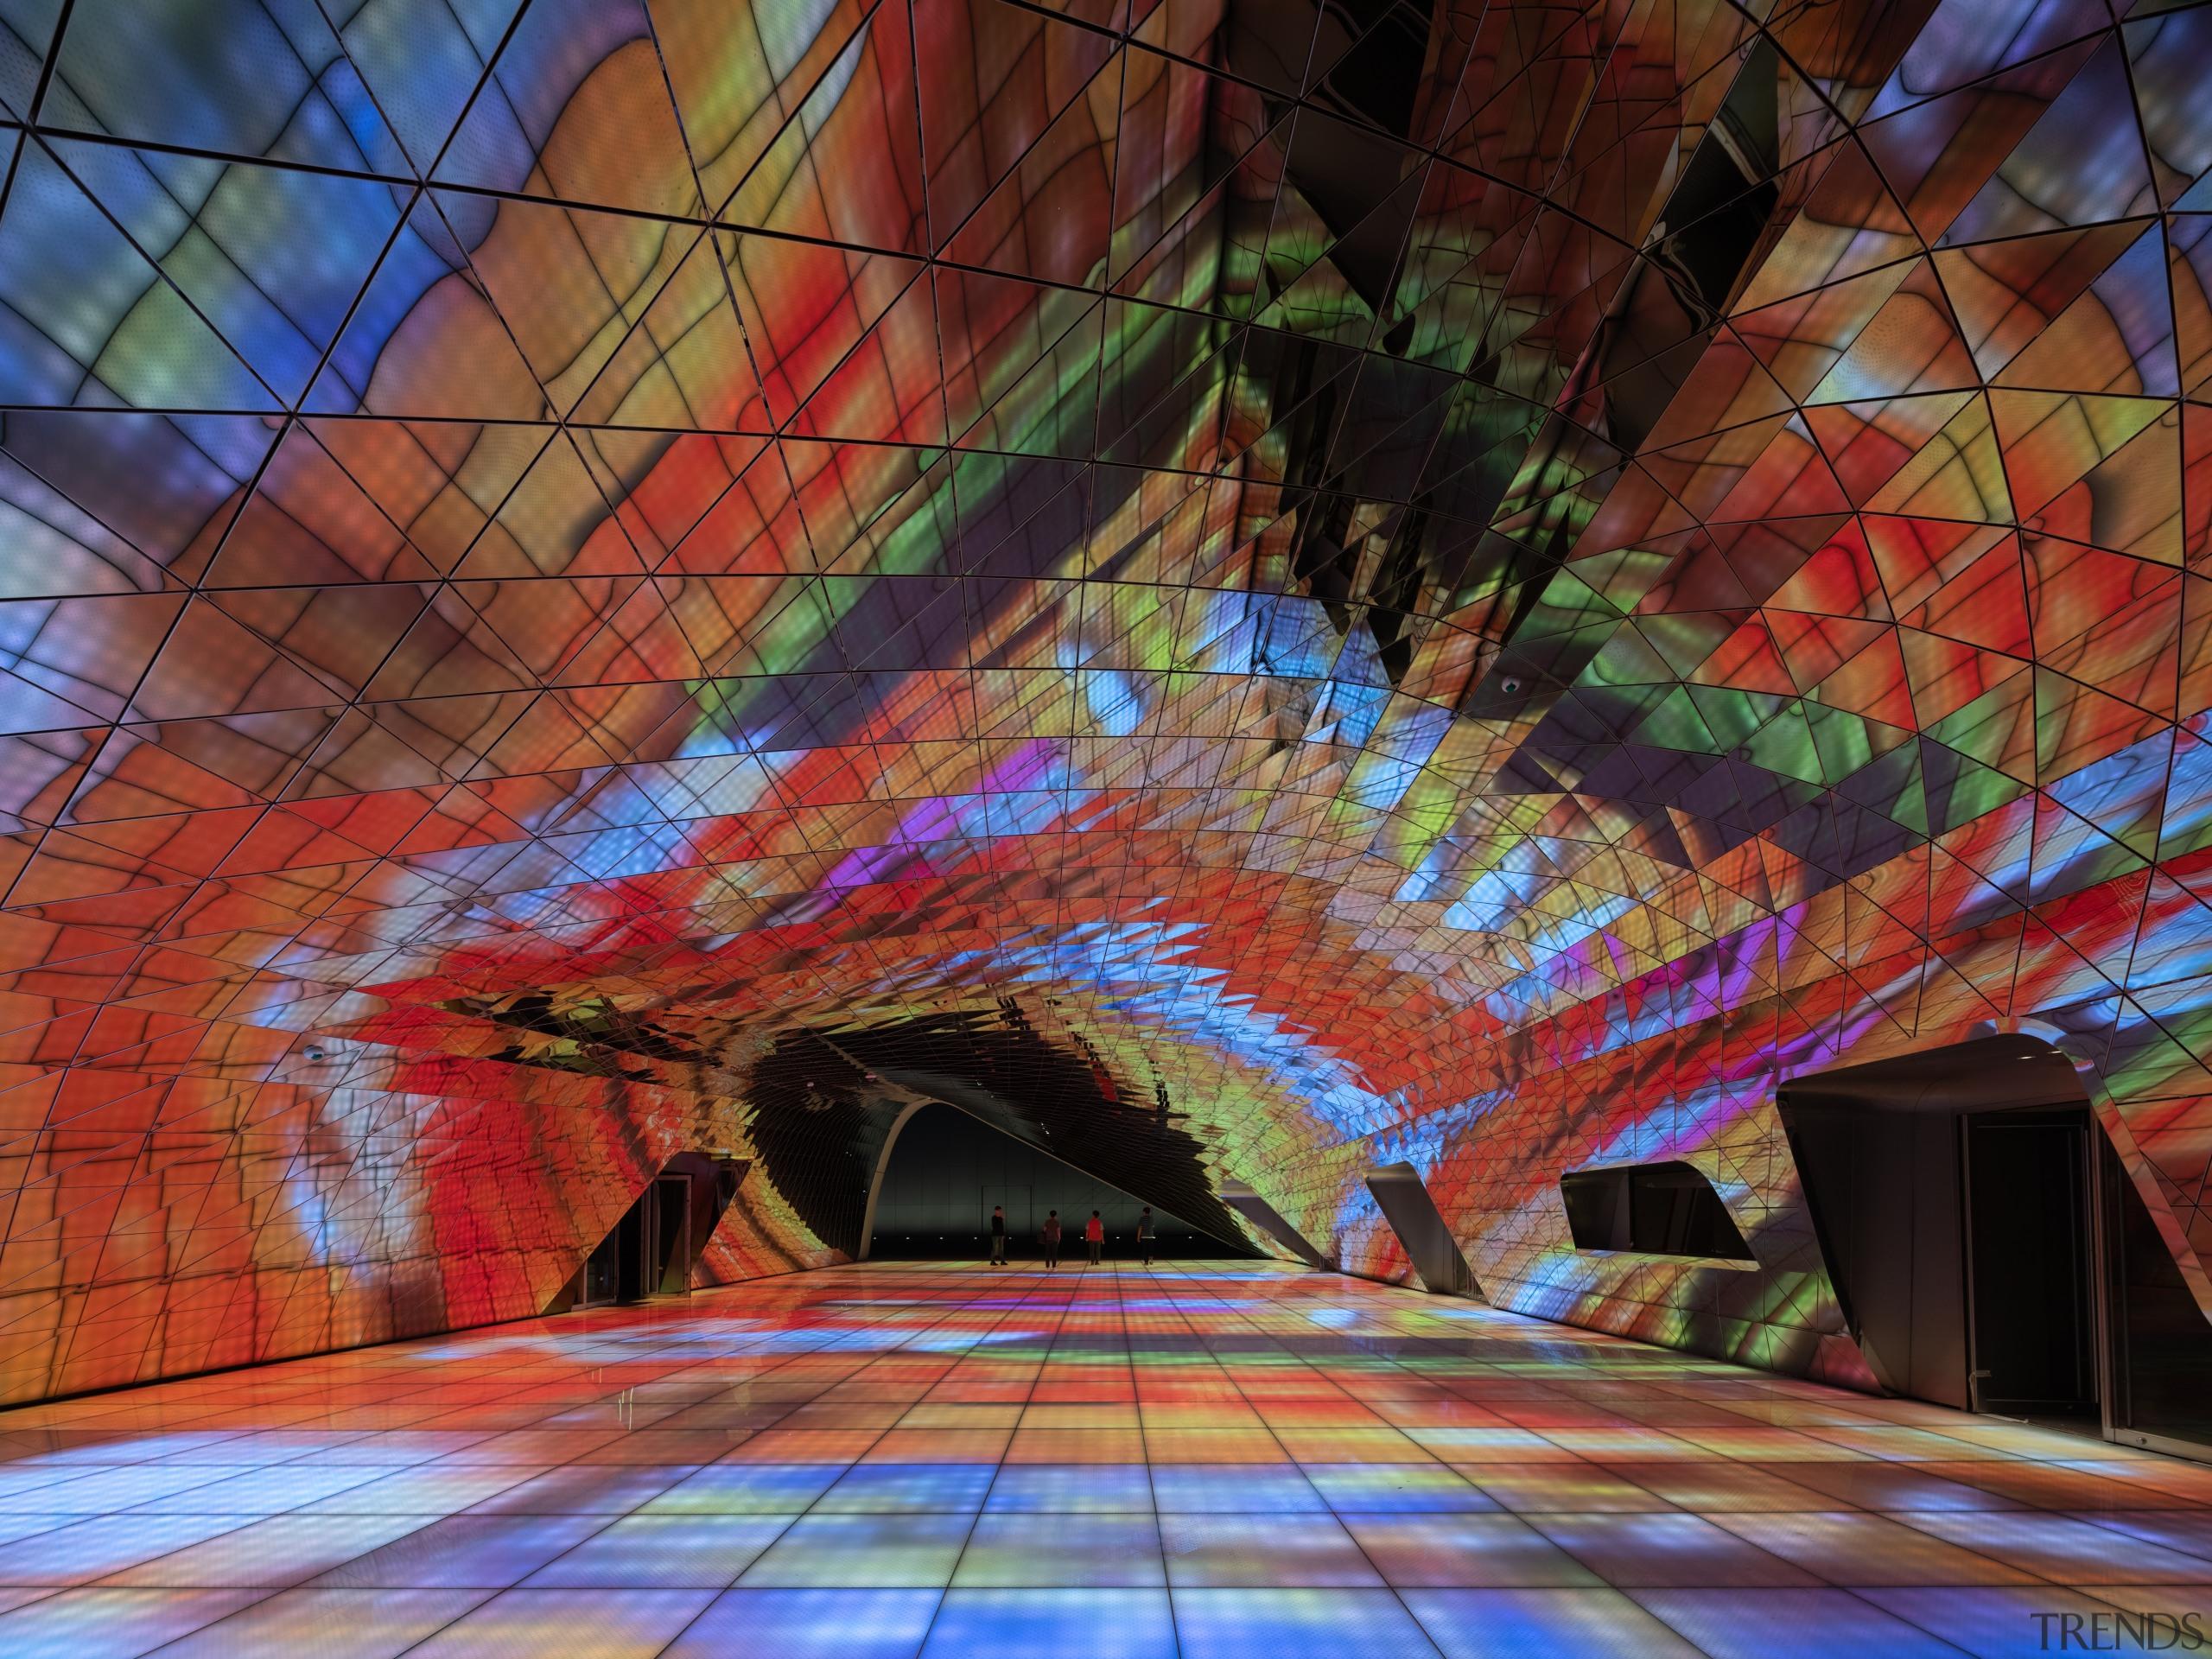 08 - architecture | art | modern art architecture, art, modern art, mural, painting